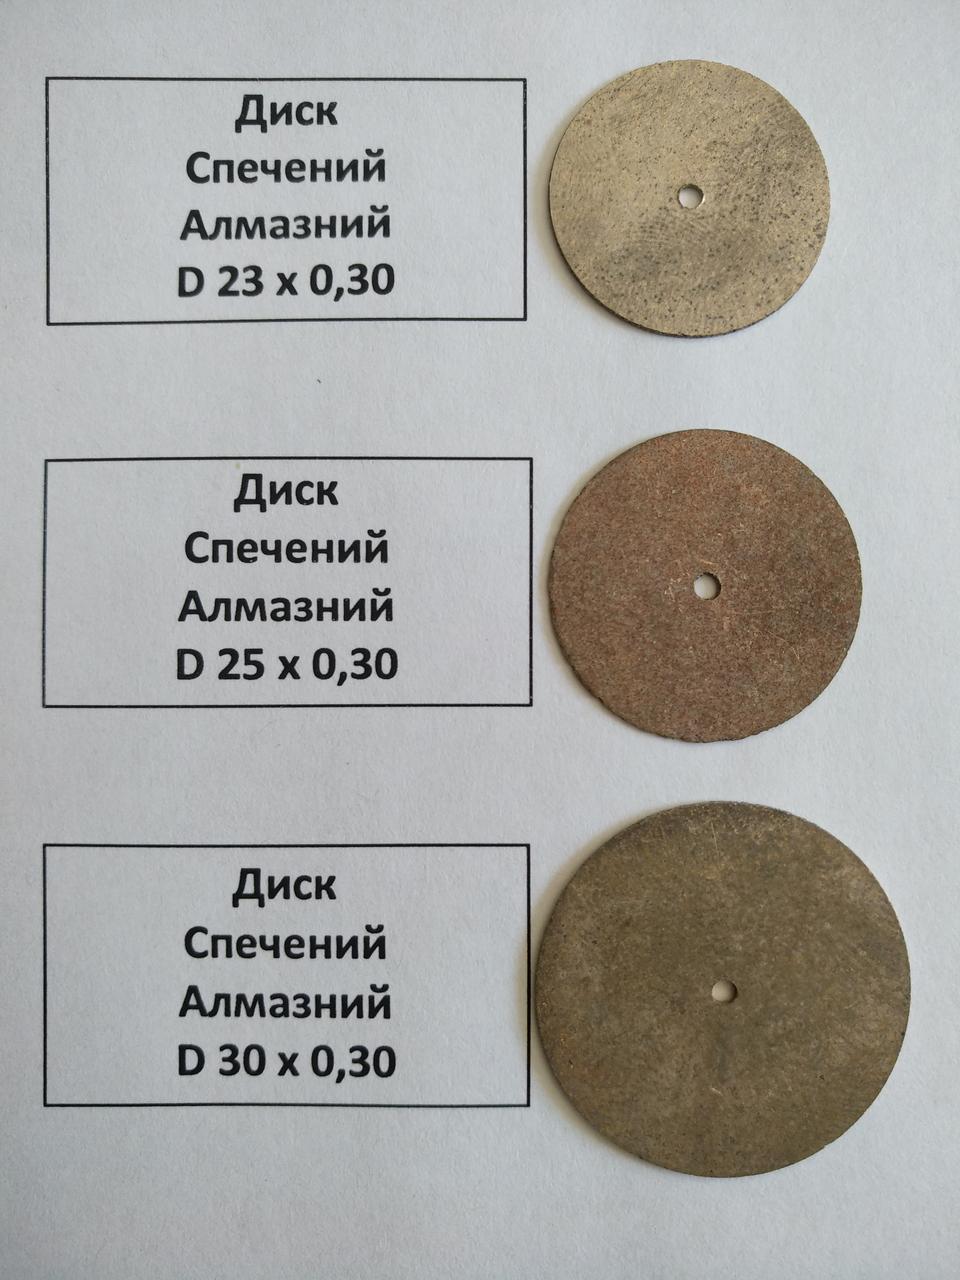 СПЕЧЕННЫЕ АЛМАЗНЫЕ ДИСКИ d 20 мм толщина 0,45 мм